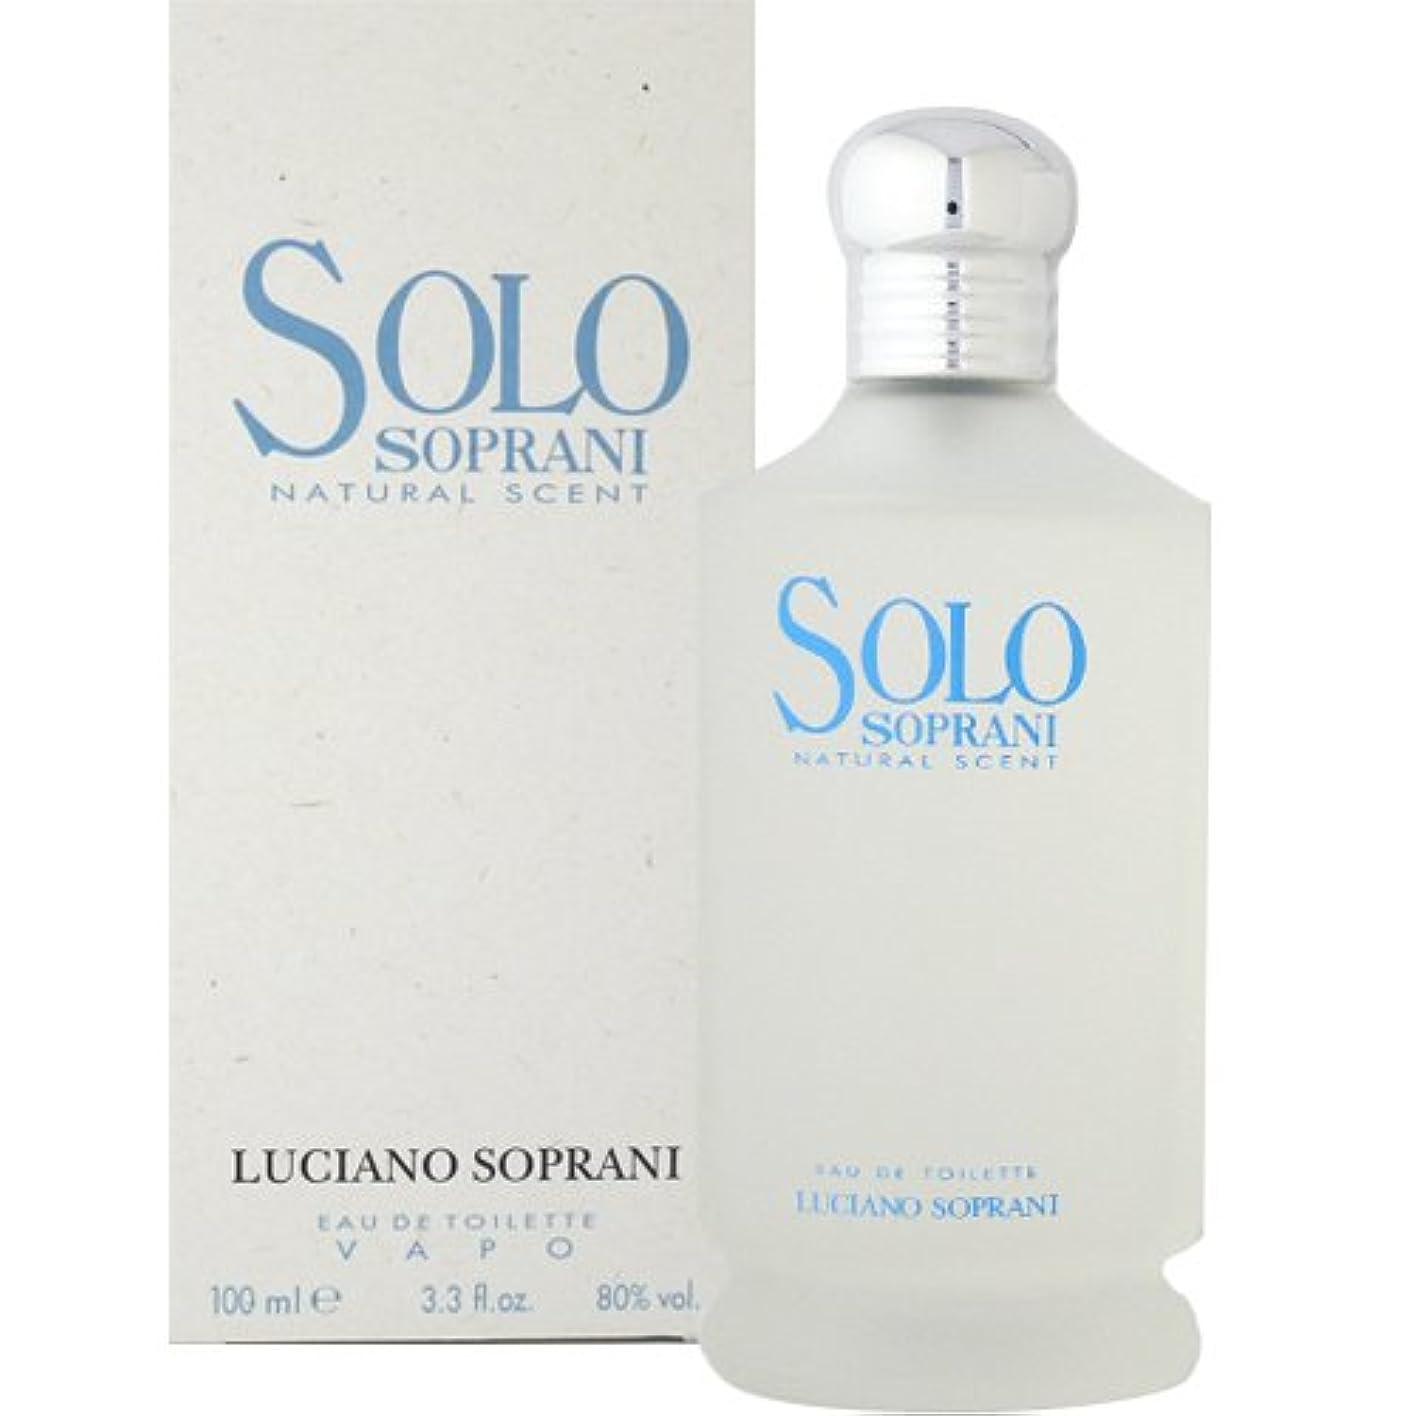 符号マニュアル不良品ルチアーノ ソプラーニ LUCIANO SOPRANI ソロ EDT SP 100ml [並行輸入品]